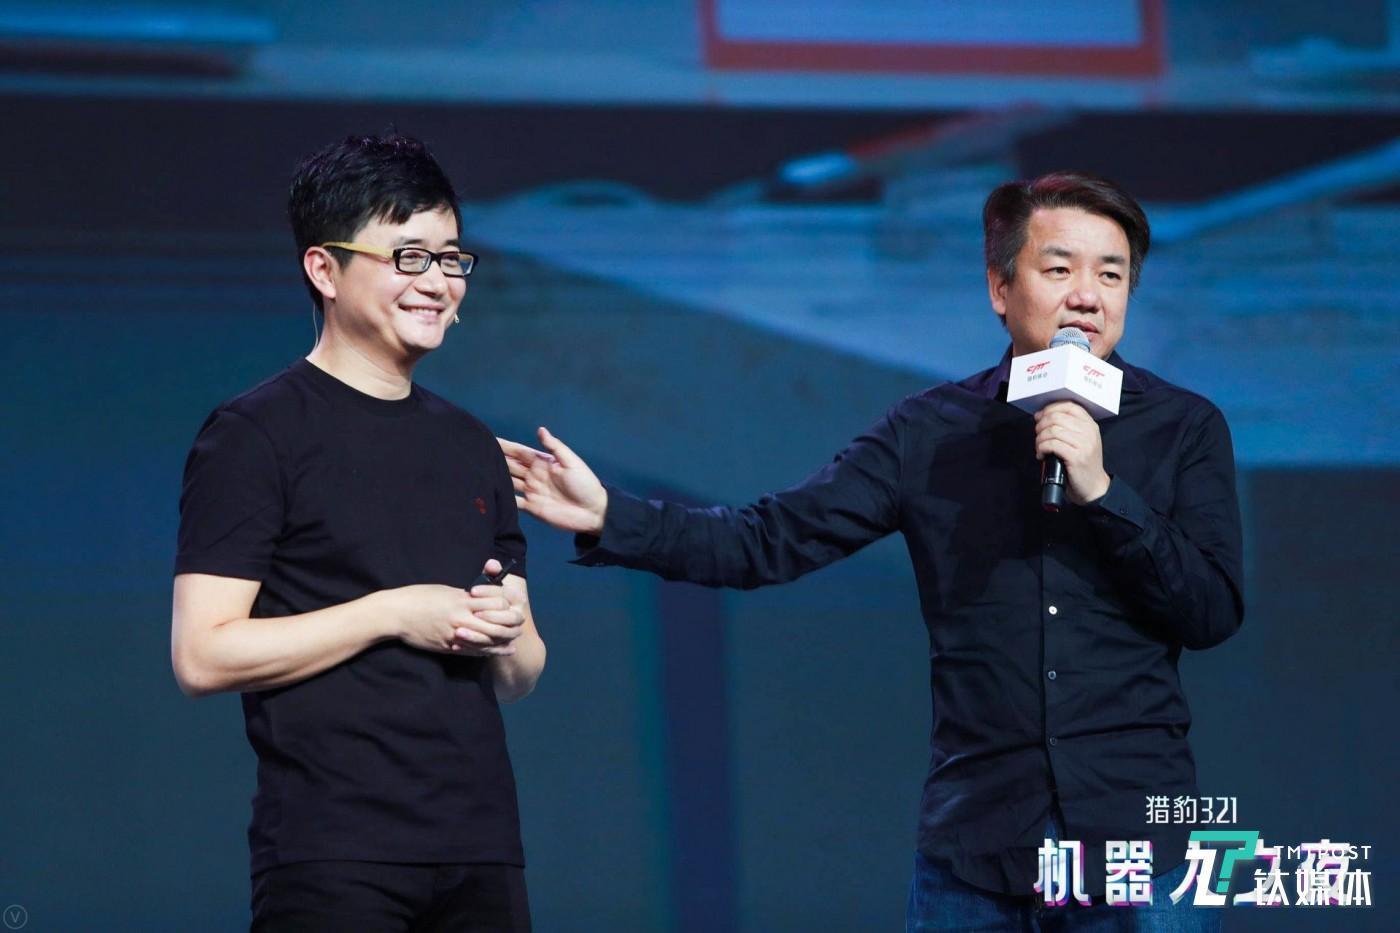 猎豹 CEO 傅盛与小米联合创始人王川